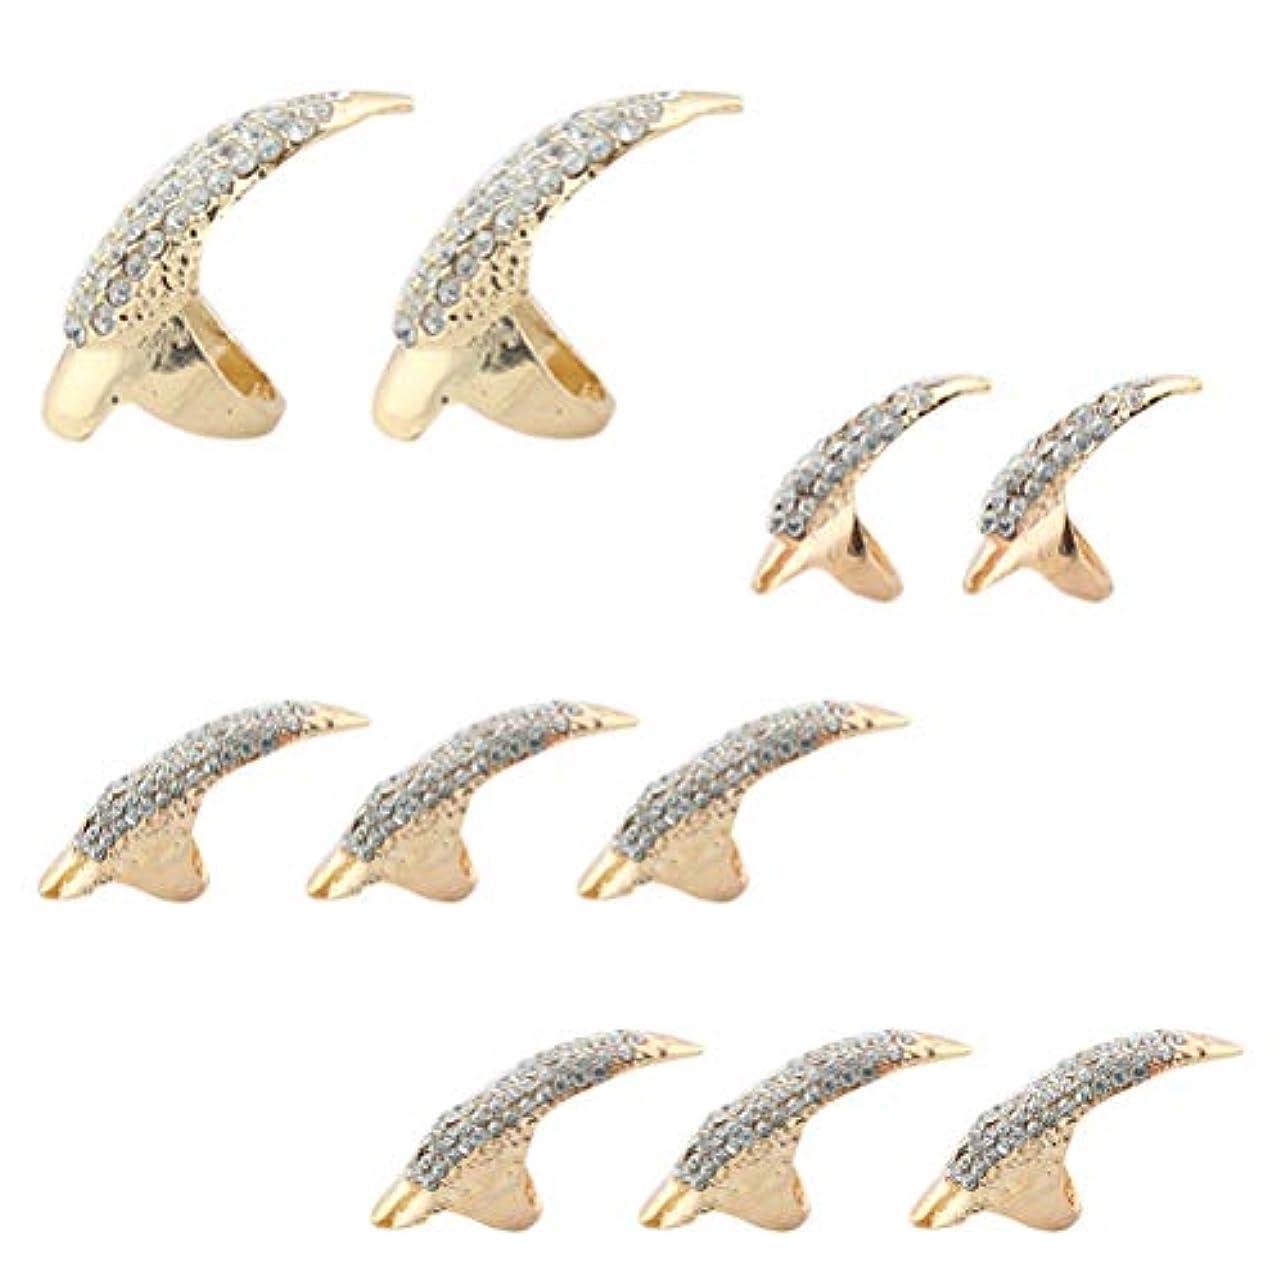 賢い絶滅させるインゲンLURROSE 10本偽ネイルパンクスタイルタロン爪足指輪ナックルベンド指先指爪リング3サイズ(ブラック)